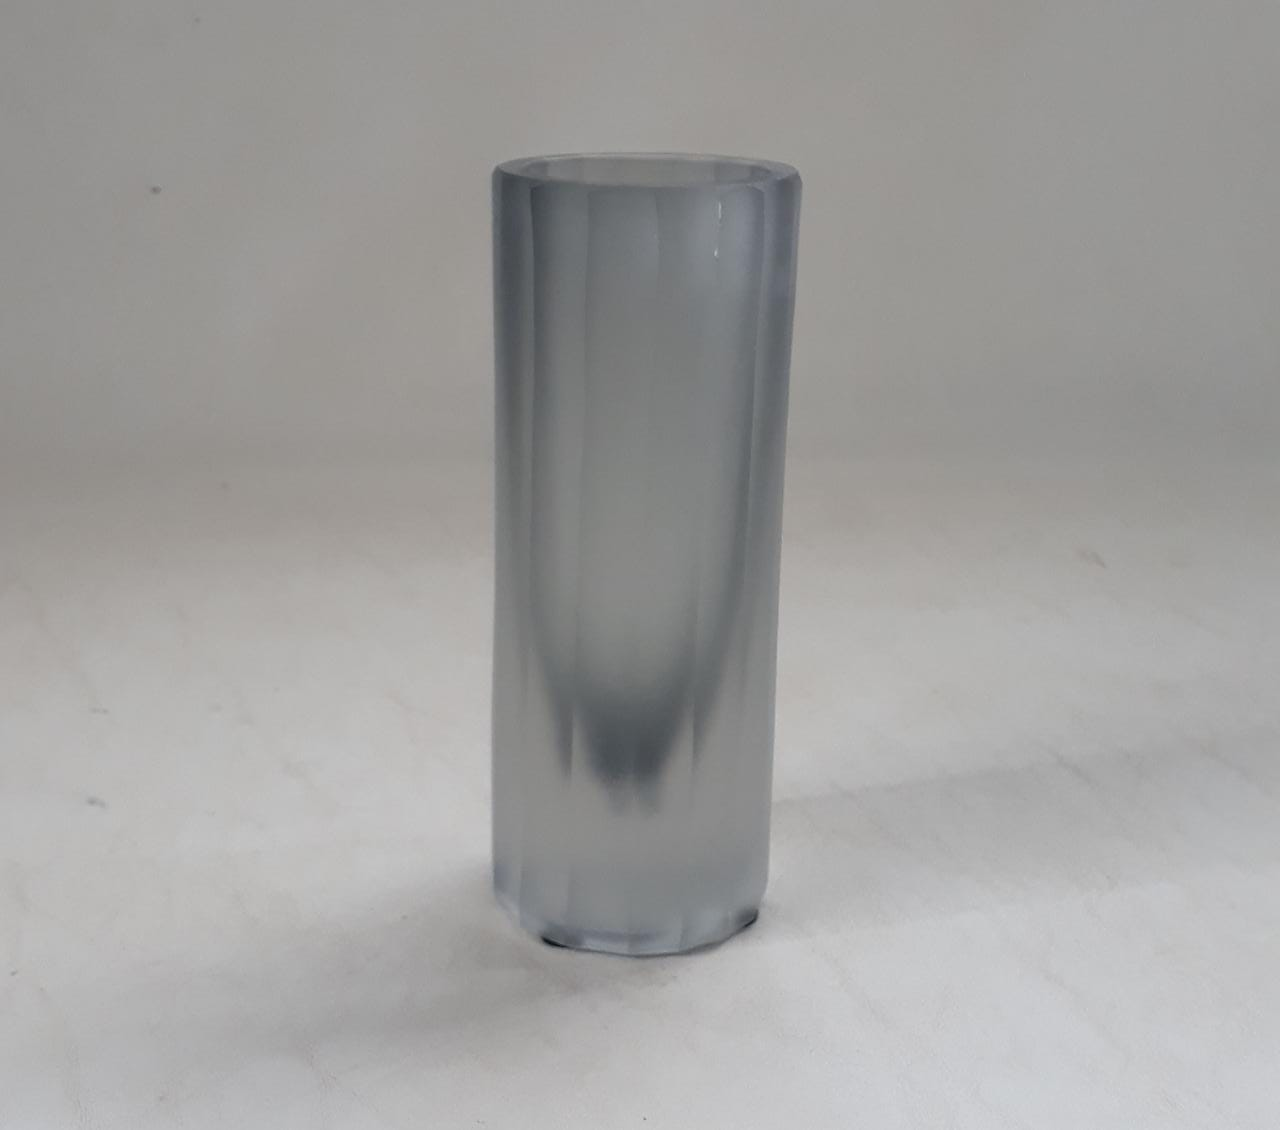 Vaso Cilindro Canelado Cinza Fosco (A)